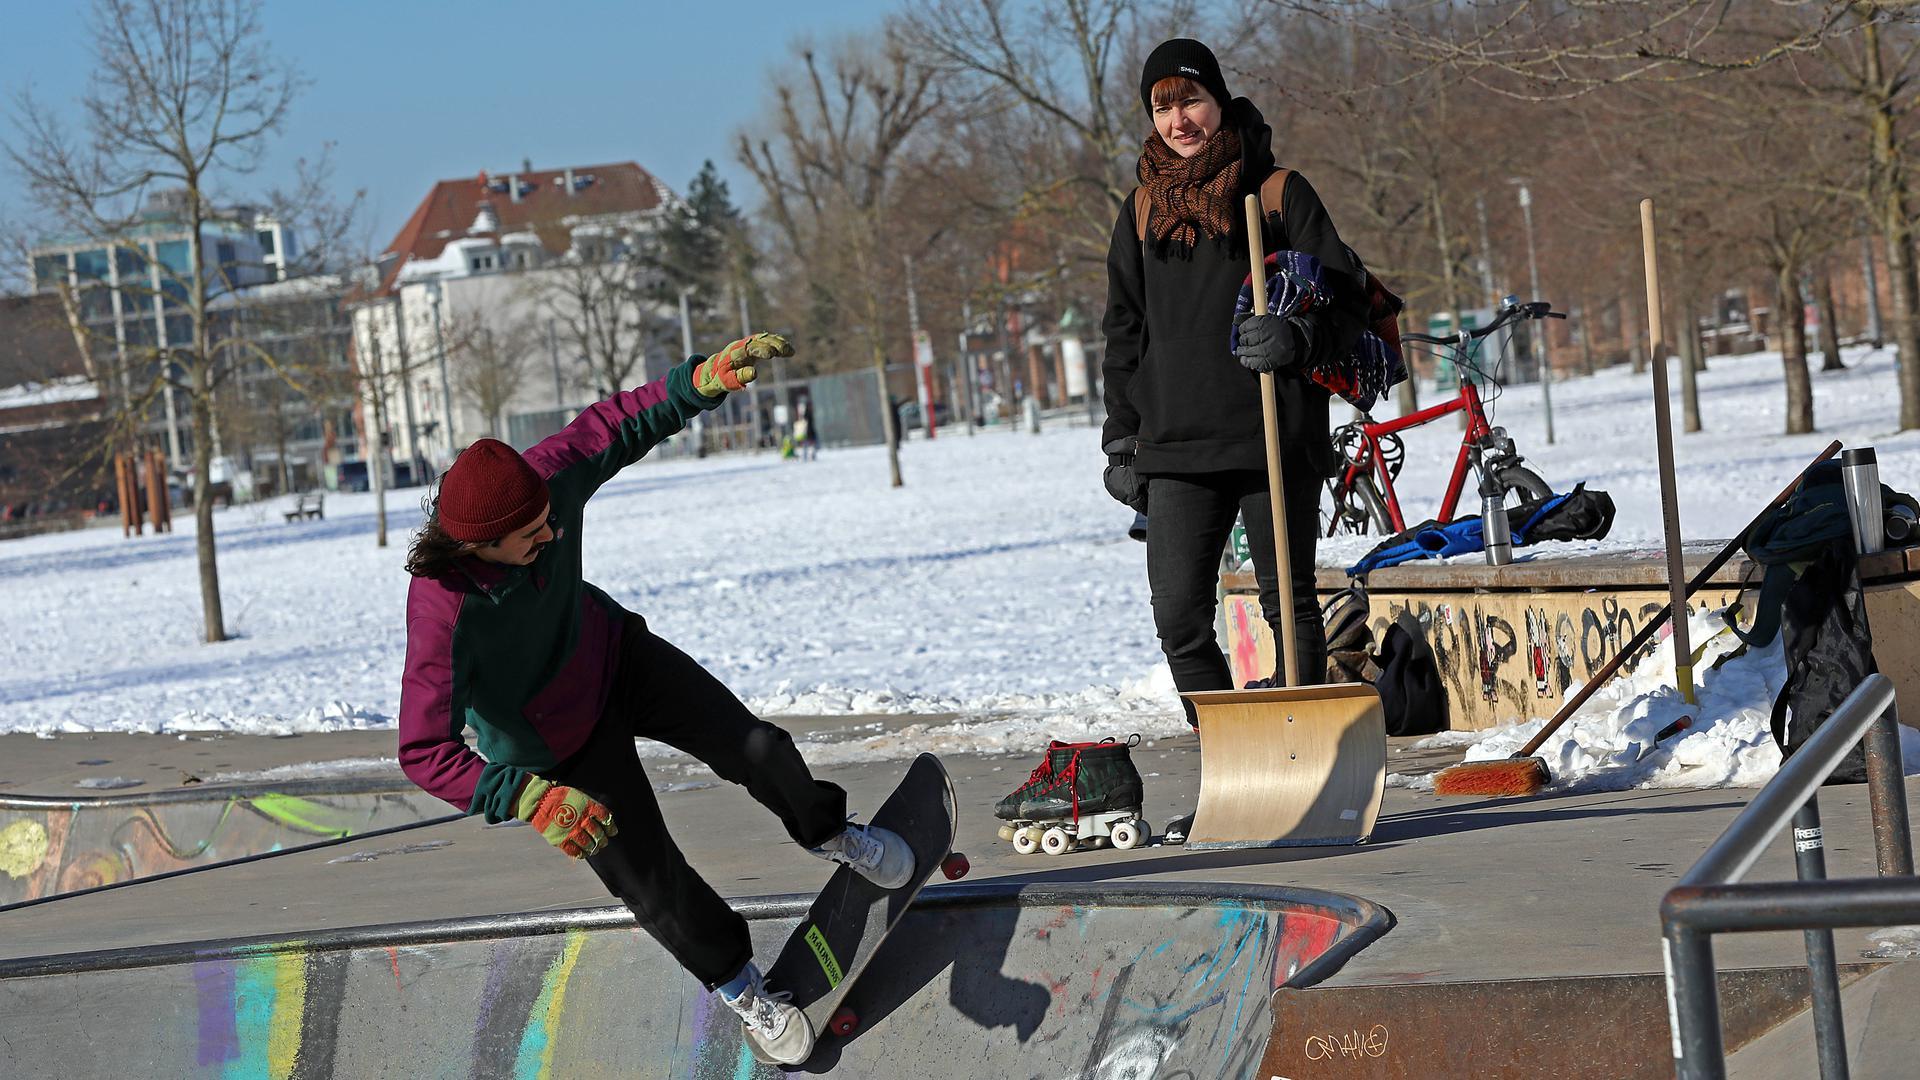 13.02.2021 Skaterplatz im Otto-Dullenkopf-Park, Stephanie von Thun mit Rollschuhen und Mehmet Kurkmaz auf dem Skateboard.